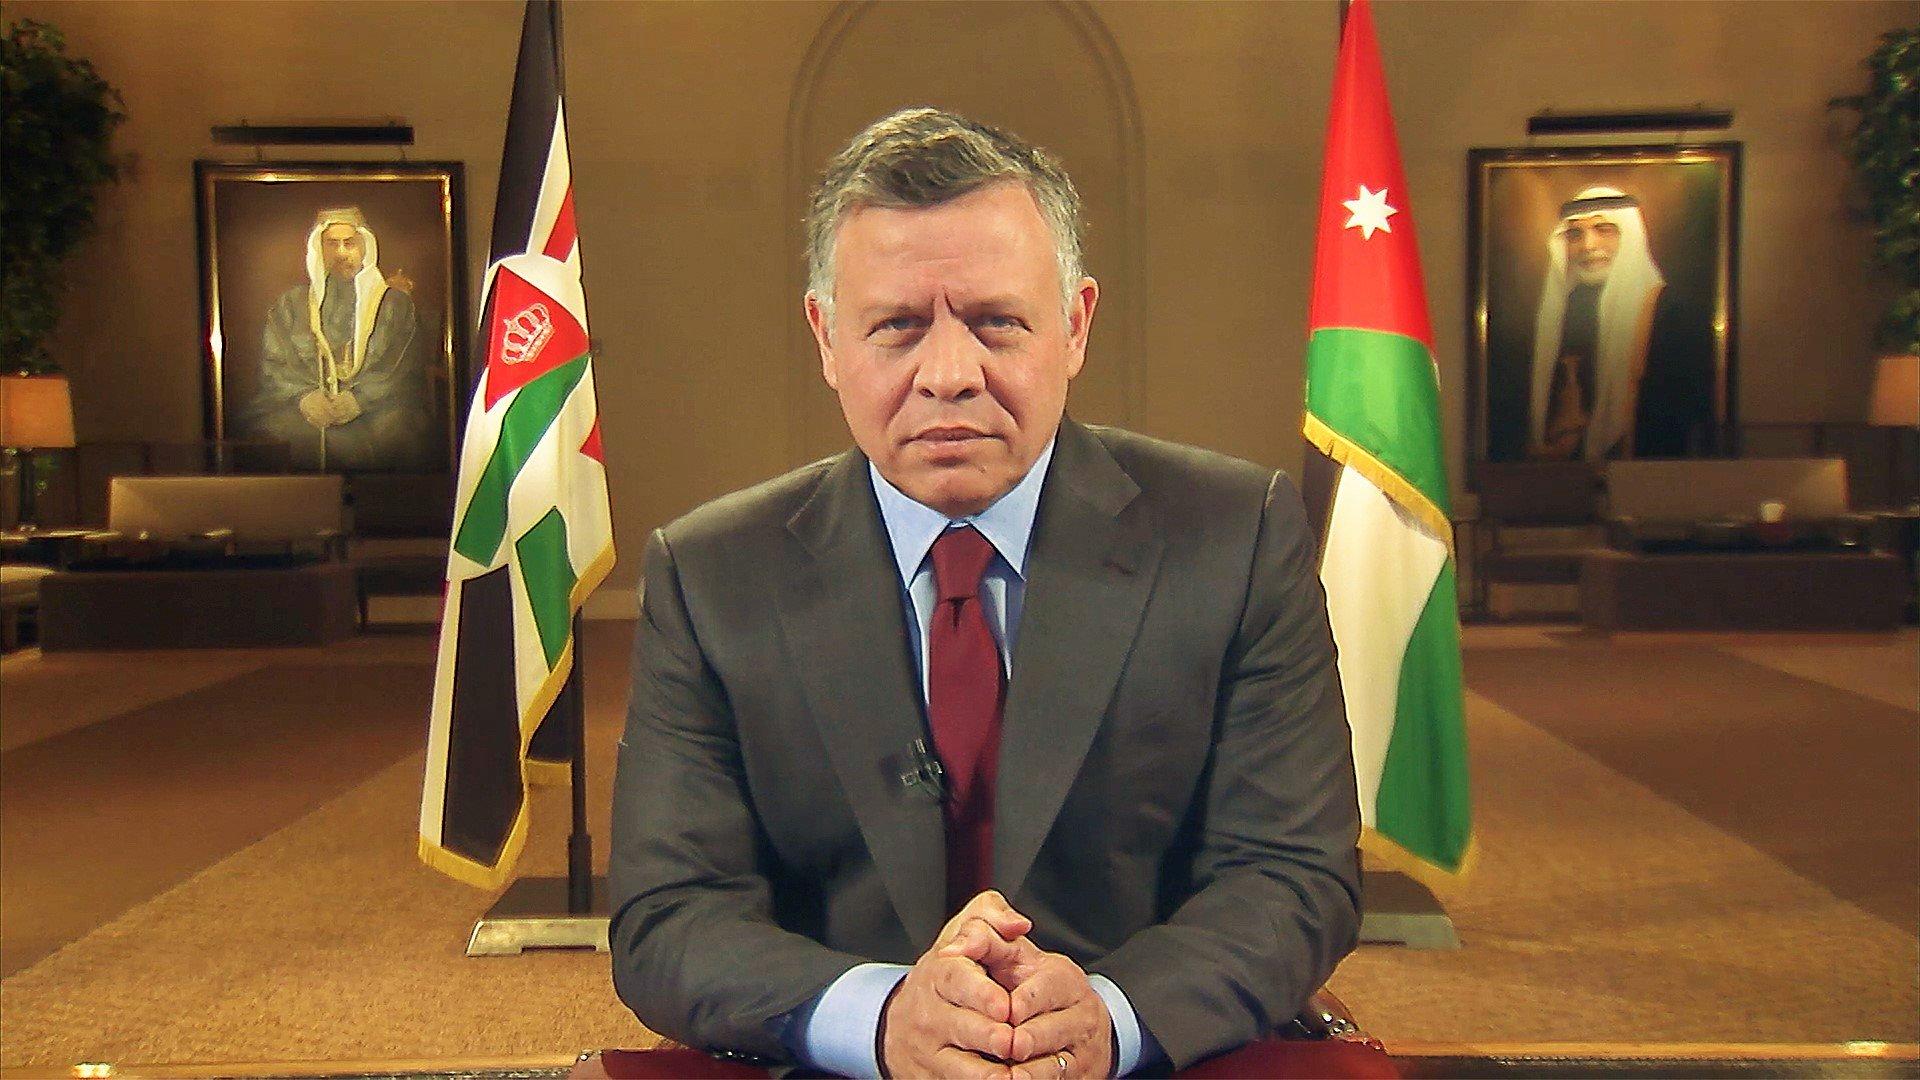 الملك الاردني بعد اقالة مستشاره: ما حدا احسن من حدا